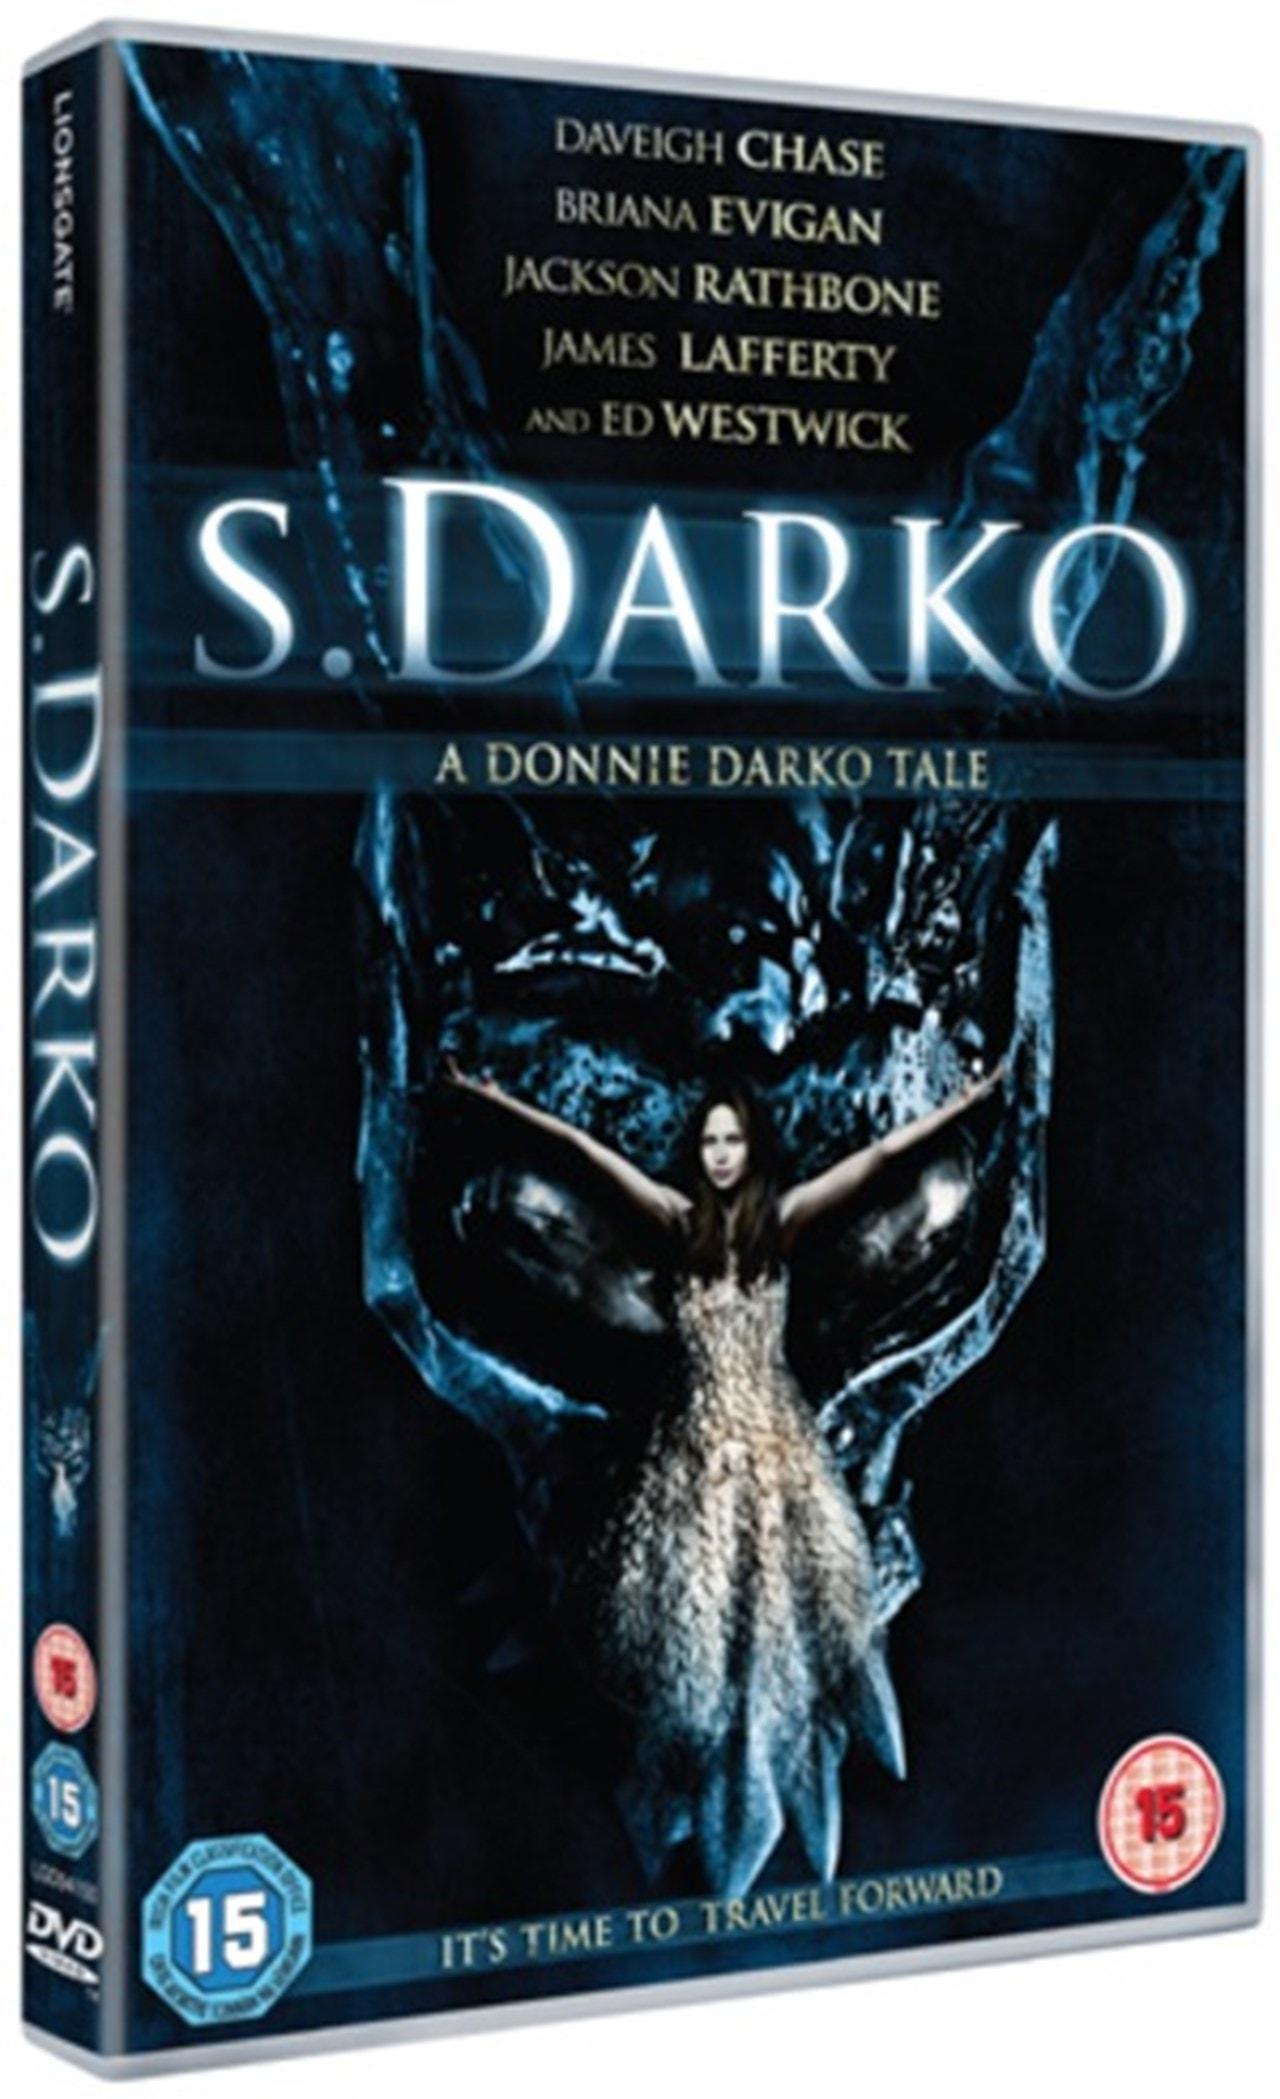 S. Darko - 1